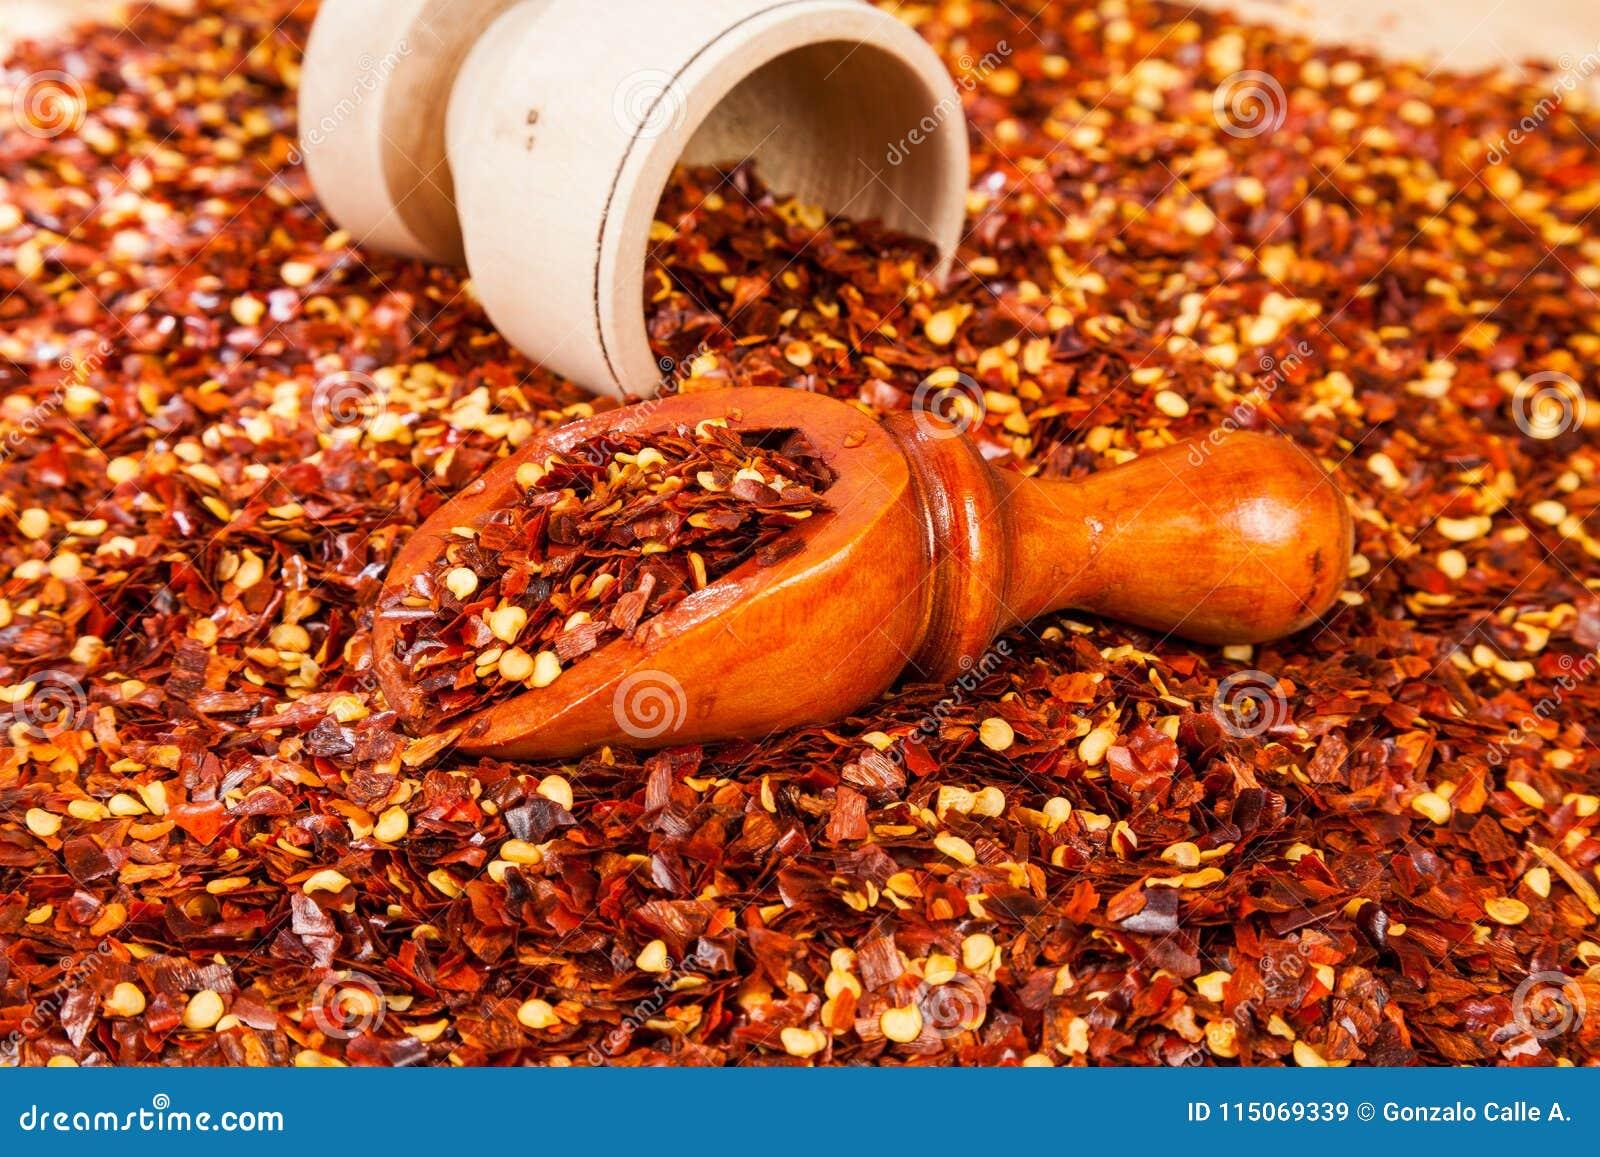 Roter Pfeffer oder Cayenne-Pfeffer zerquetscht